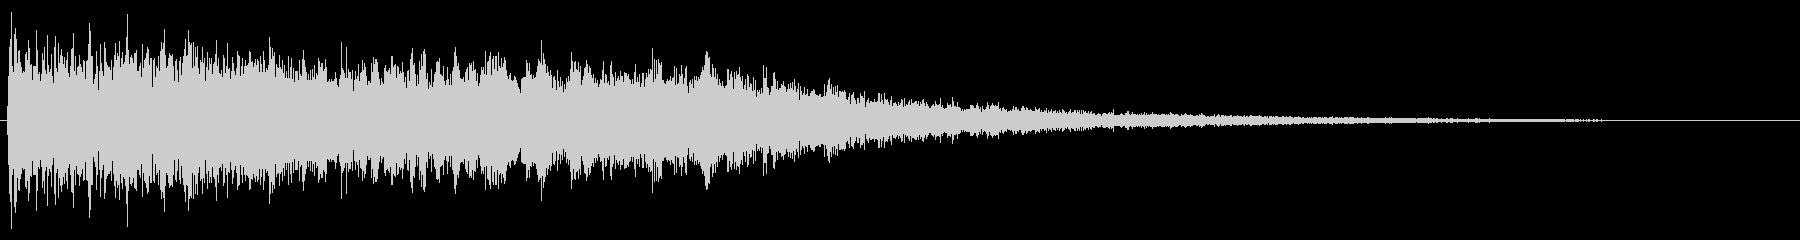 音楽スティンガー;エコー付きハード...の未再生の波形